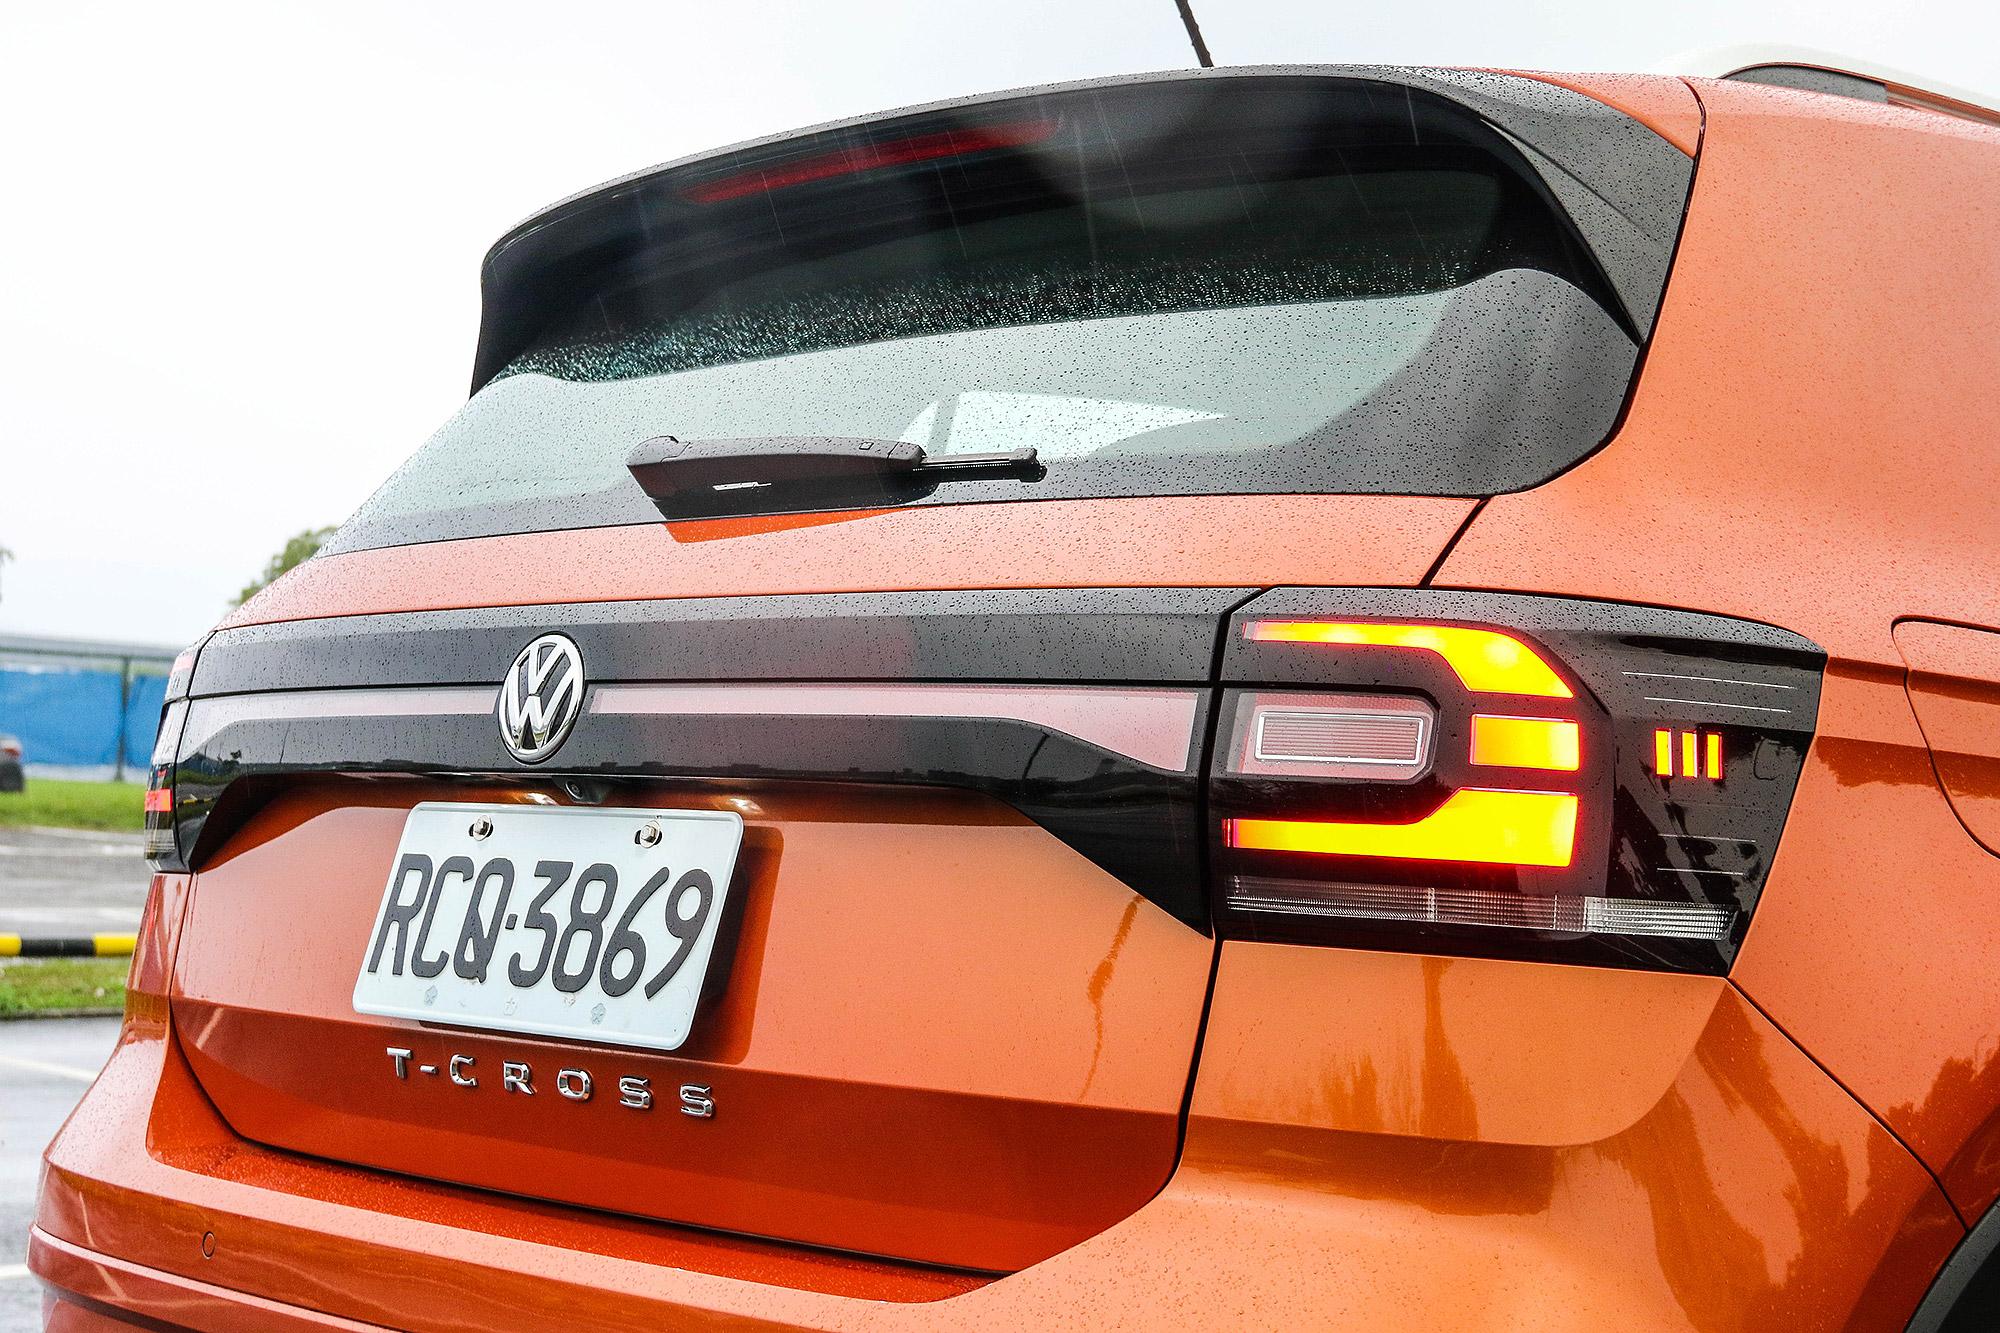 車尾運用鏡面飾條與反光條連結將左右兩側尾燈連接。